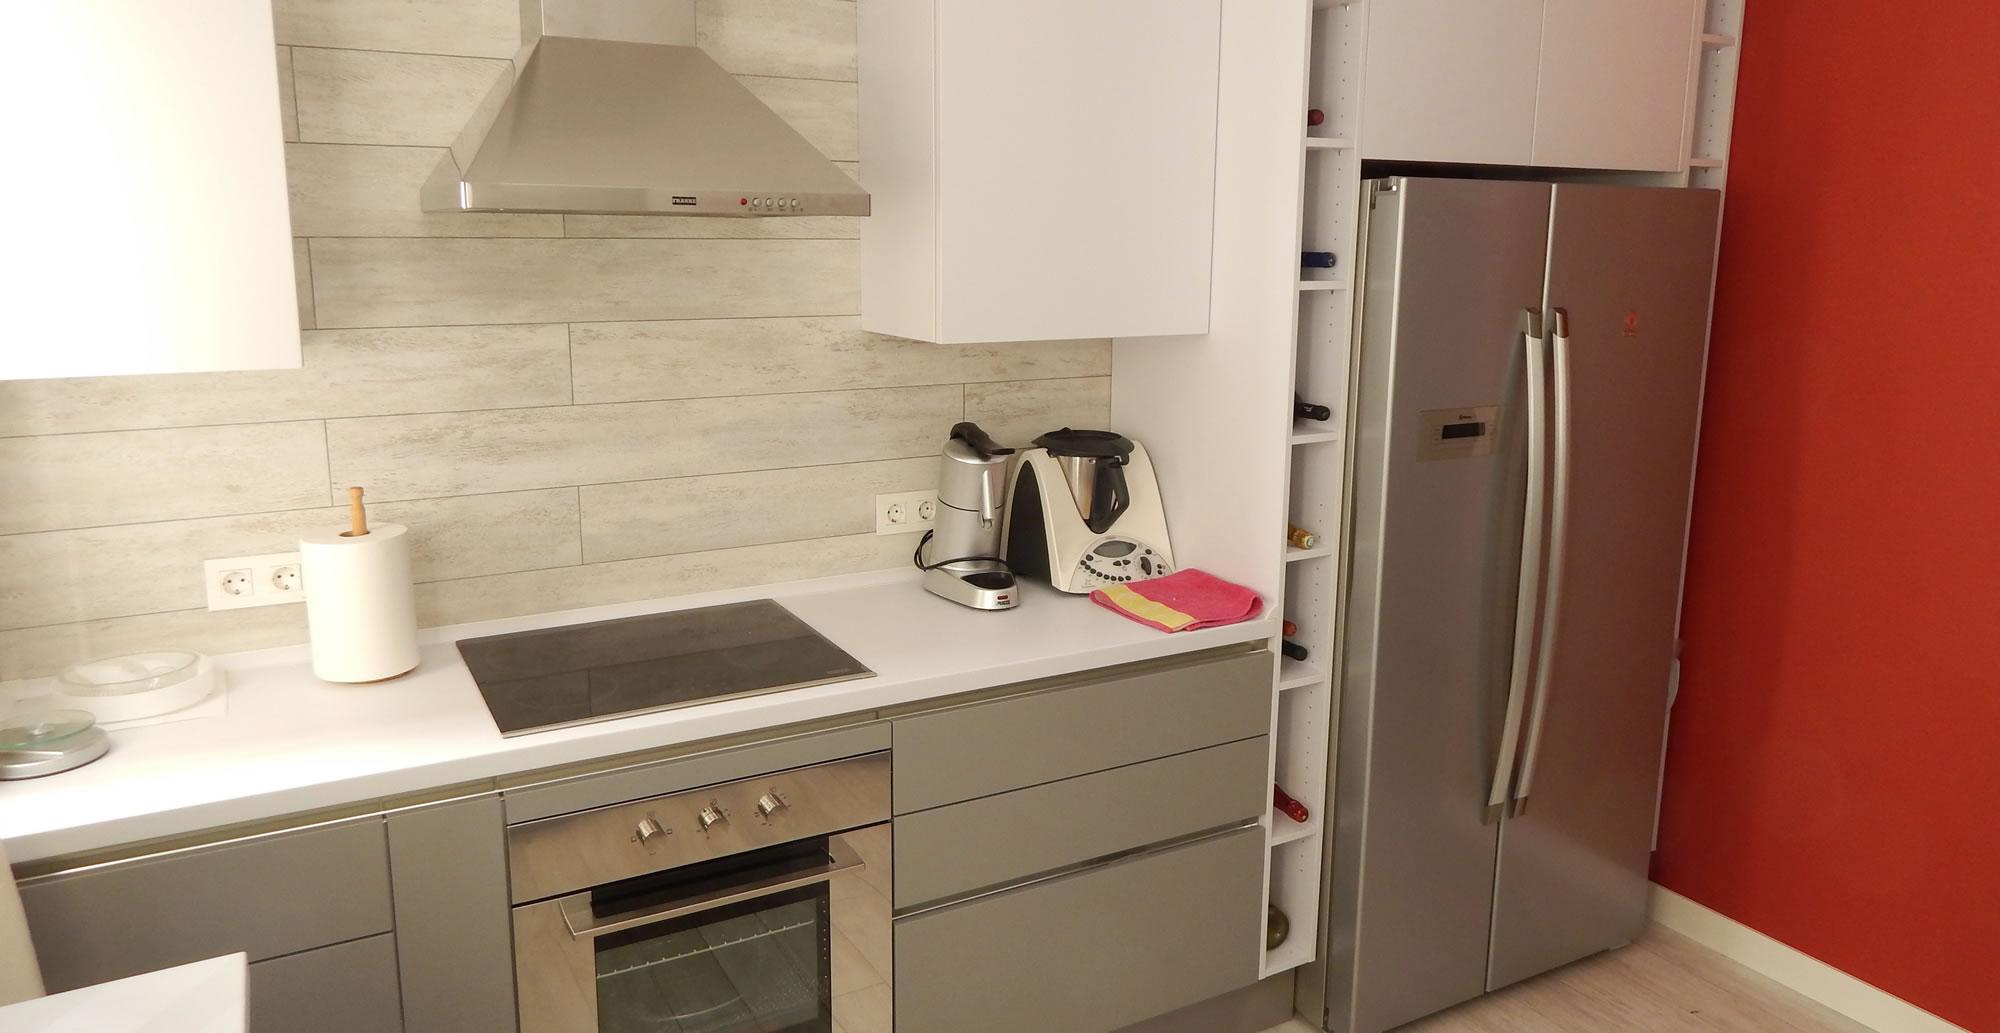 Muebles de cocina en gris perla for Muebles de cocina nectali